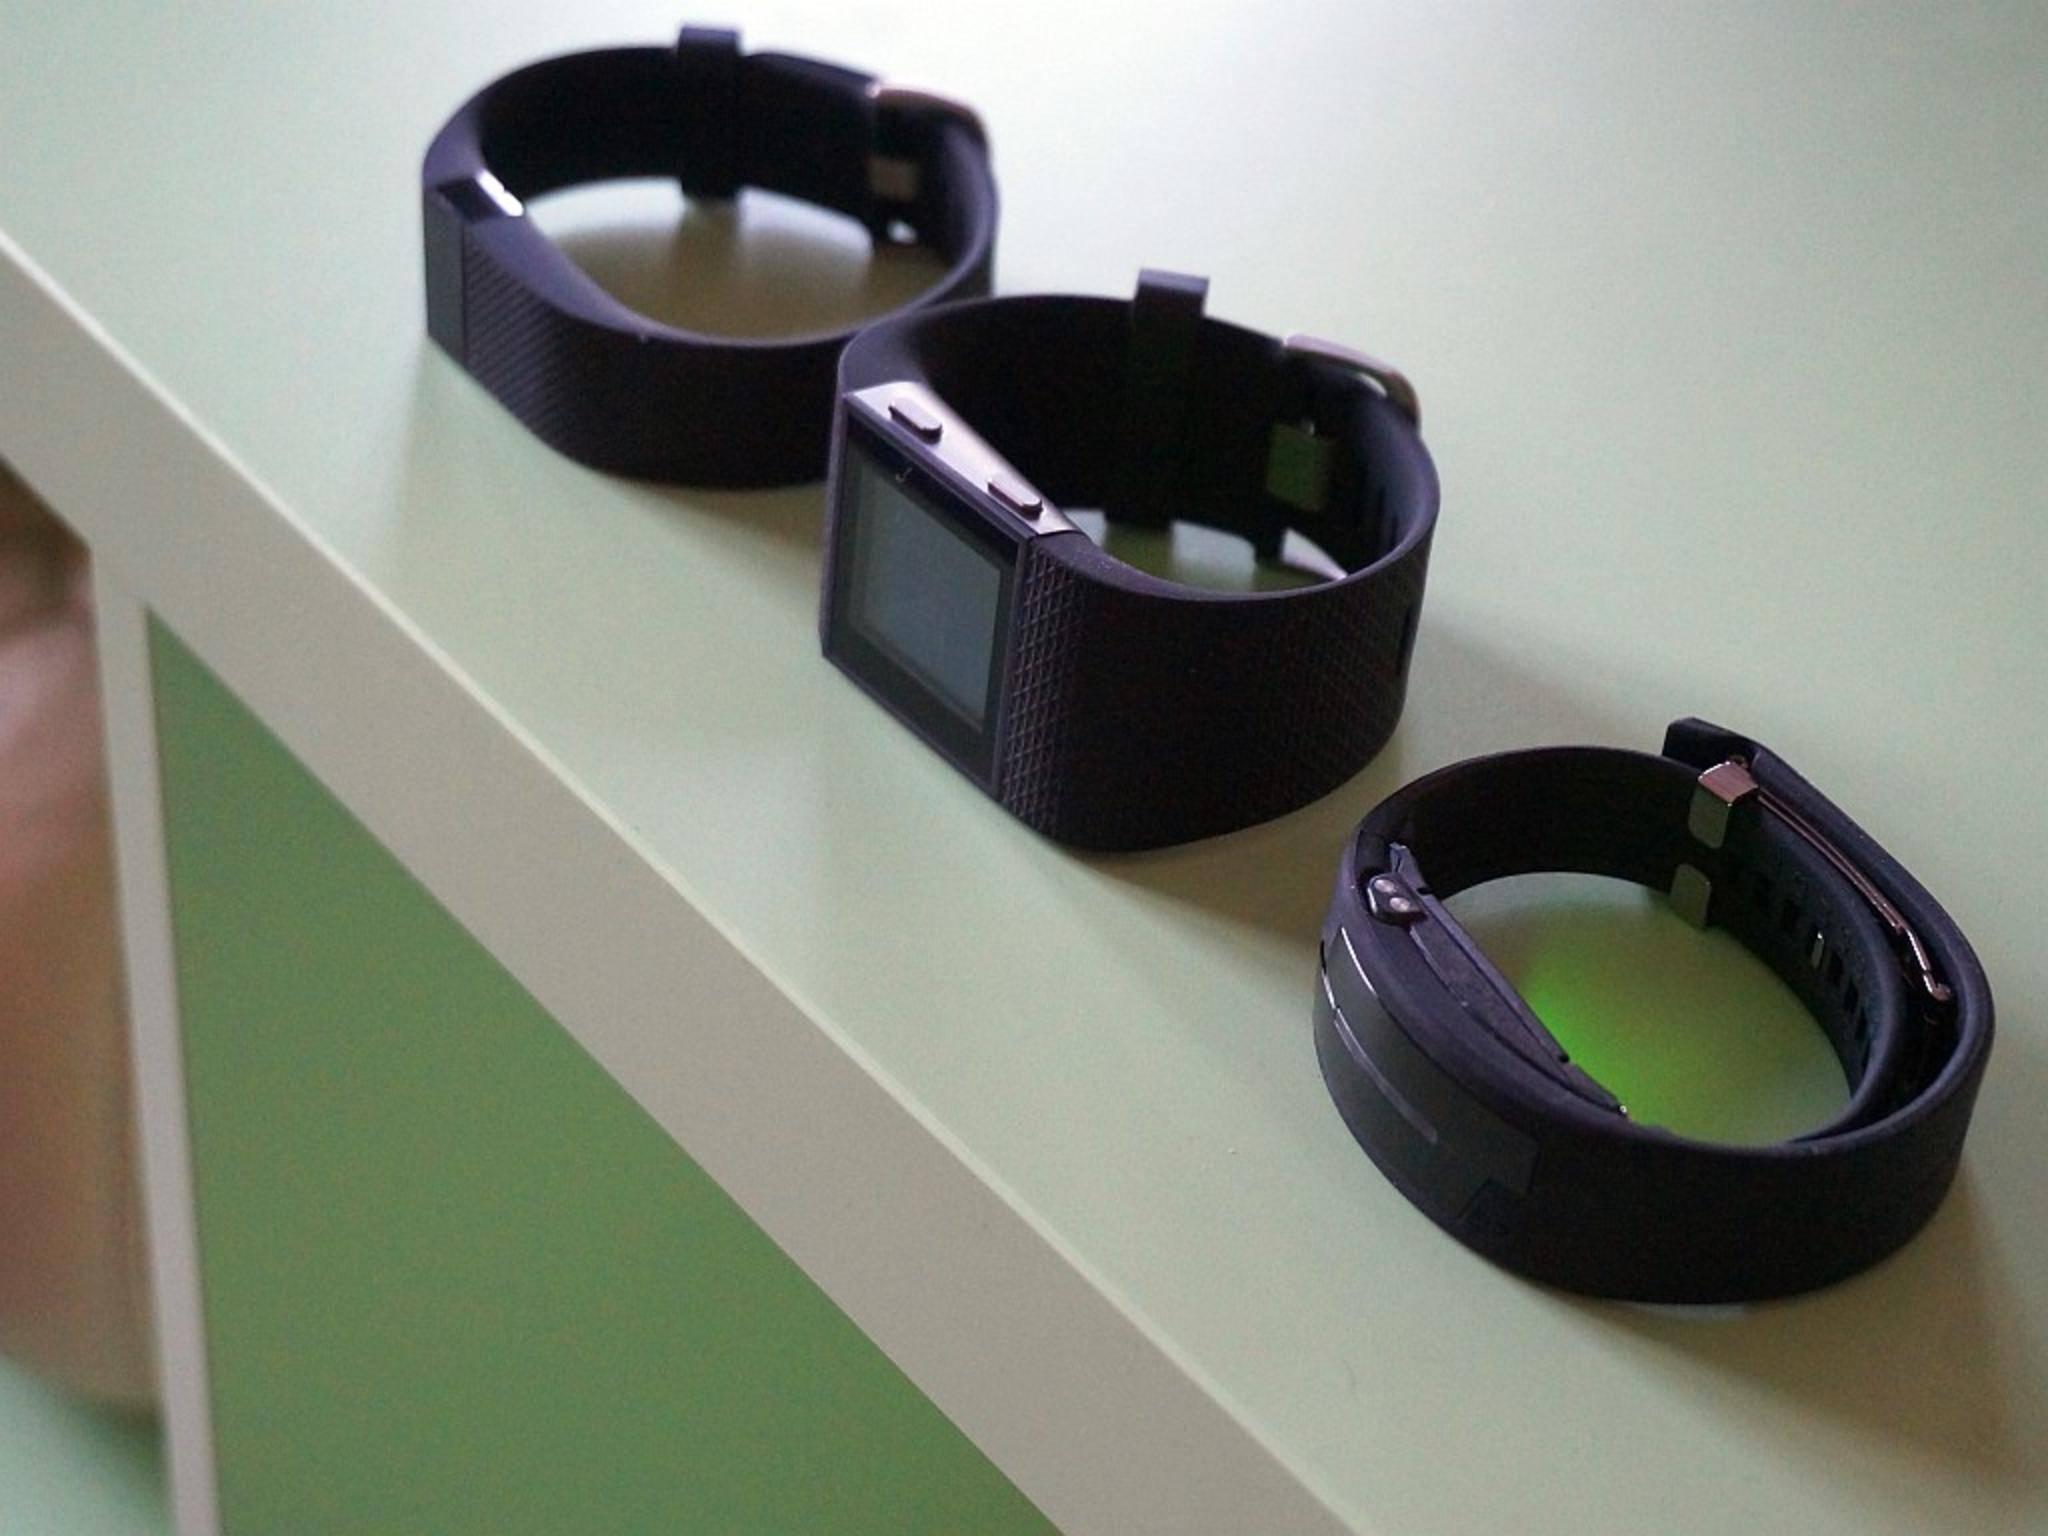 Messen kontinuierlich den Puls: Fitbit Charge HR, Fitbit Surge und Epson Pulsense.